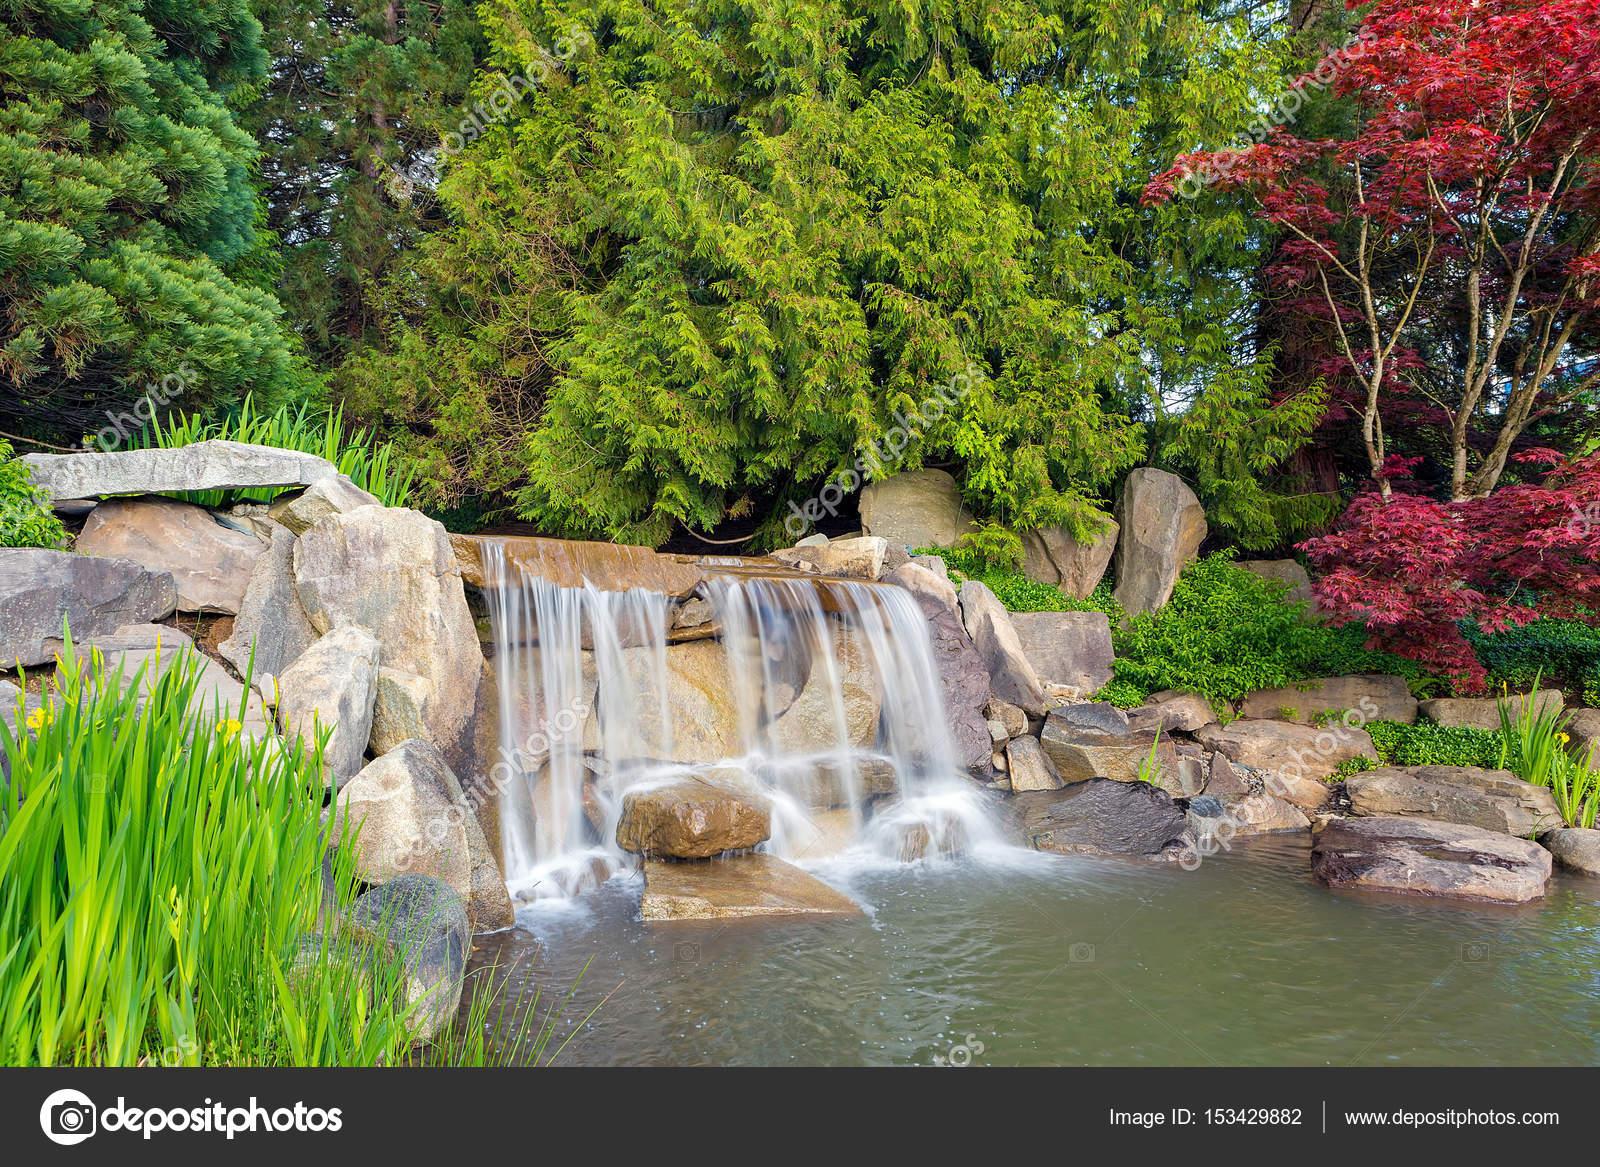 Jard n paisaje con cascada y rboles foto de stock - Cascada de jardin ...